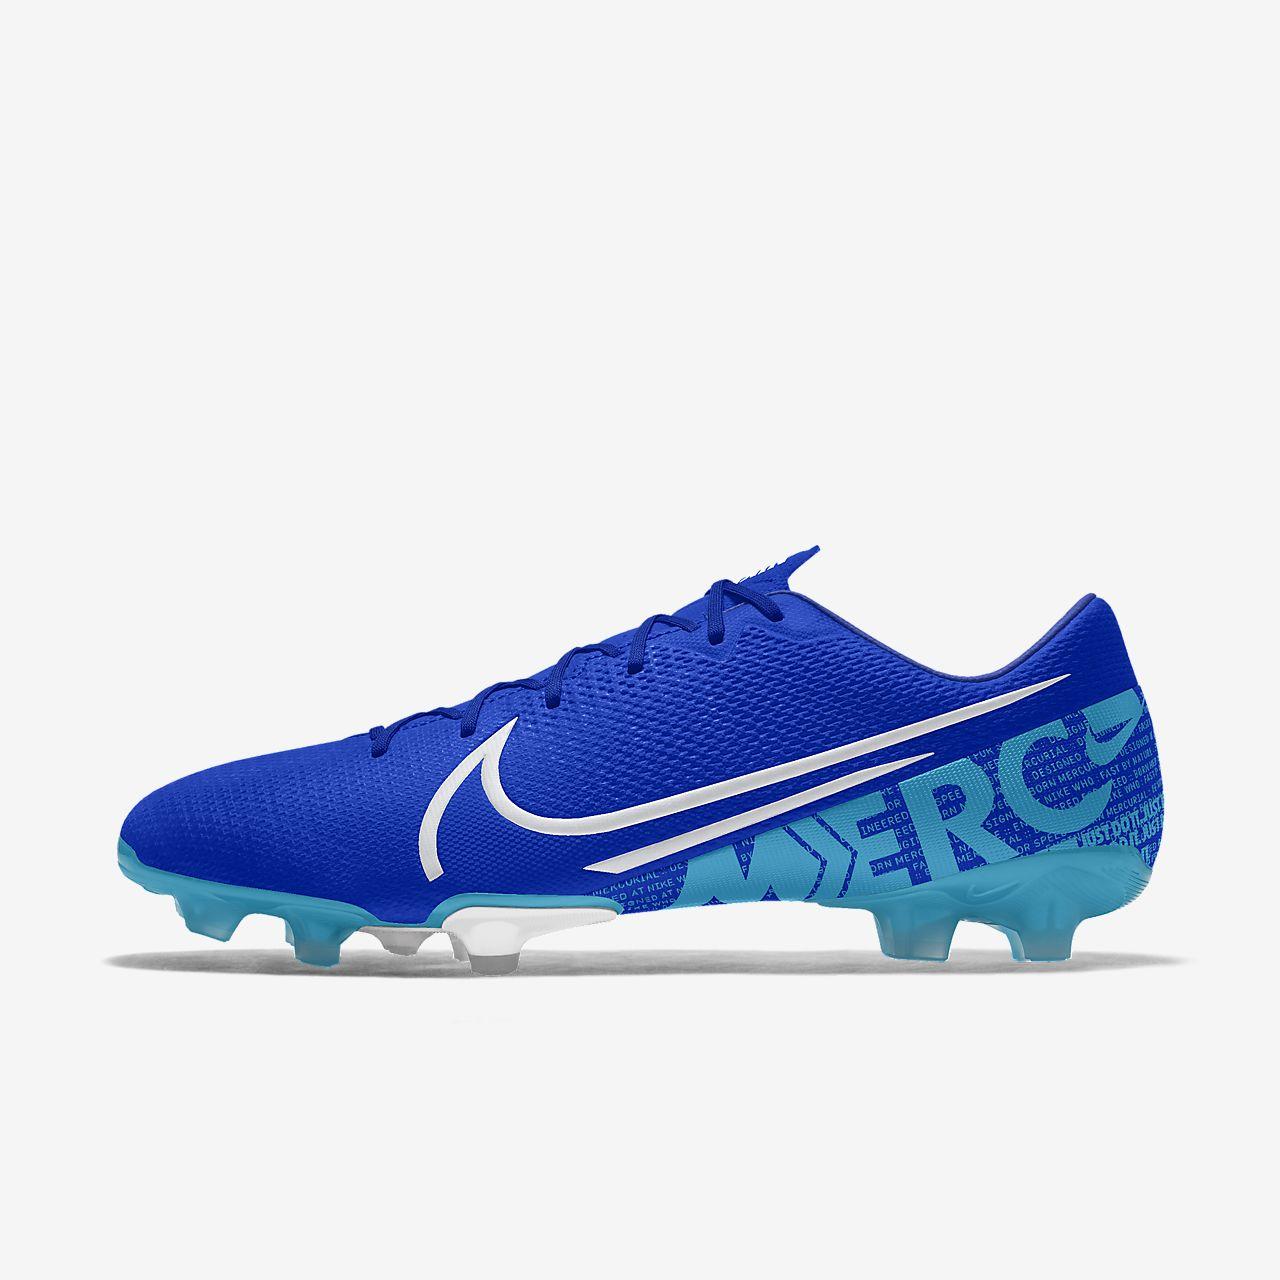 Chaussure de football à crampons pour terrain sec personnalisable Nike Mercurial Vapor 13 Academy FG By You